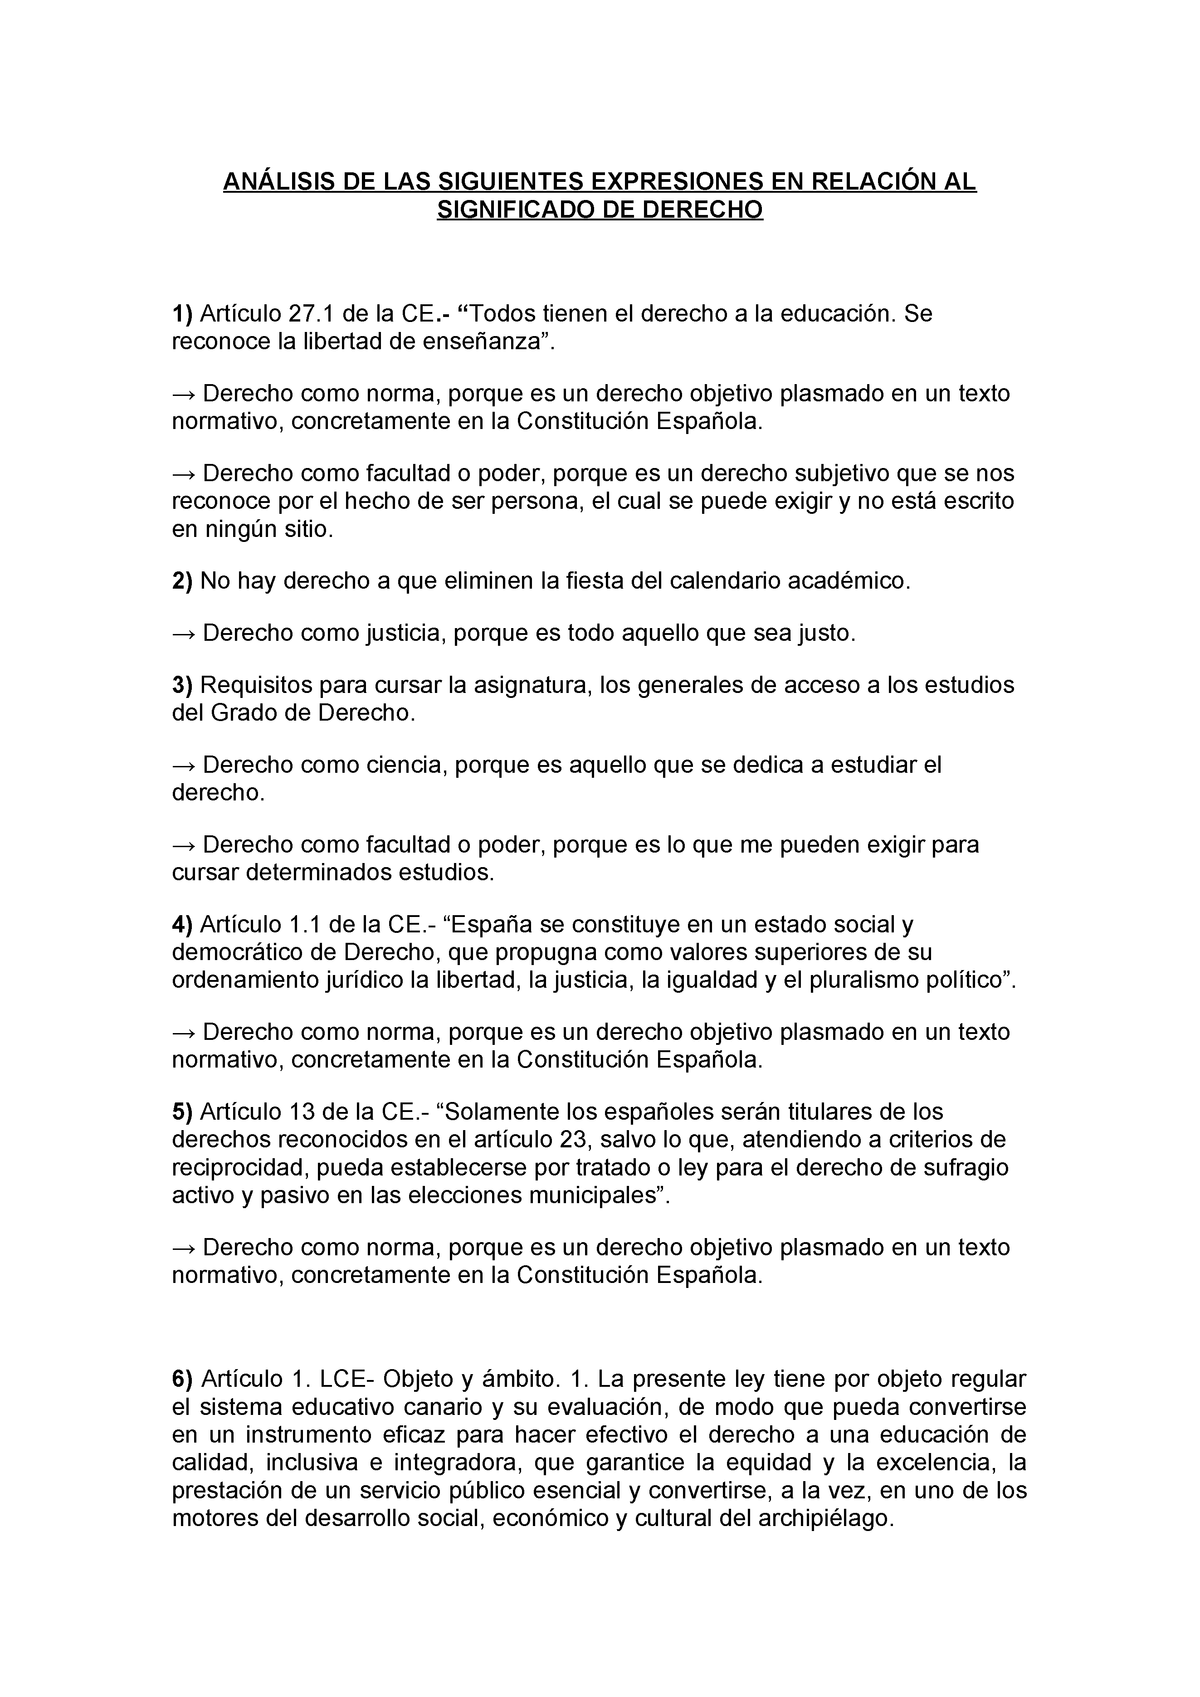 cual es el significado del articulo 1